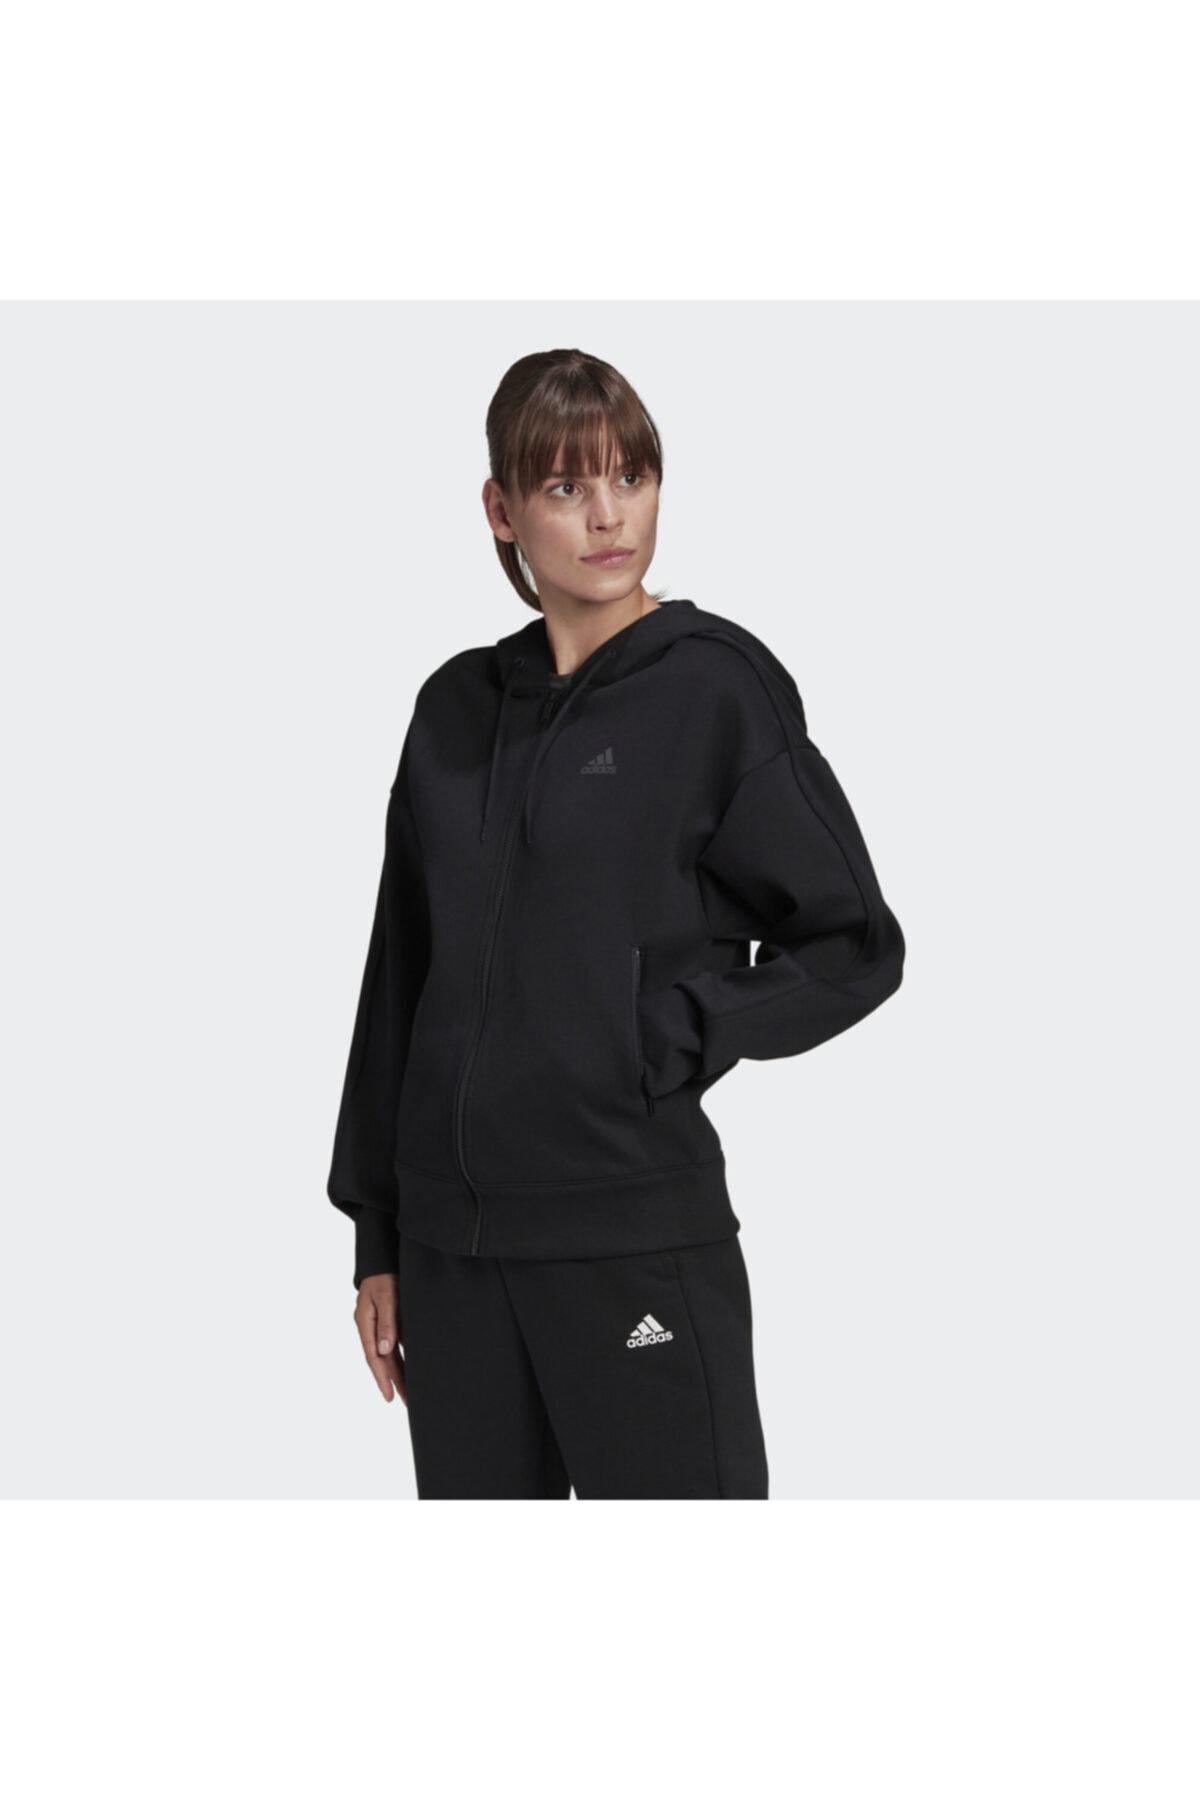 خرید ارزان گرمکن ورزشی مردانه پیاده روی برند adidas رنگ مشکی کد ty61651938